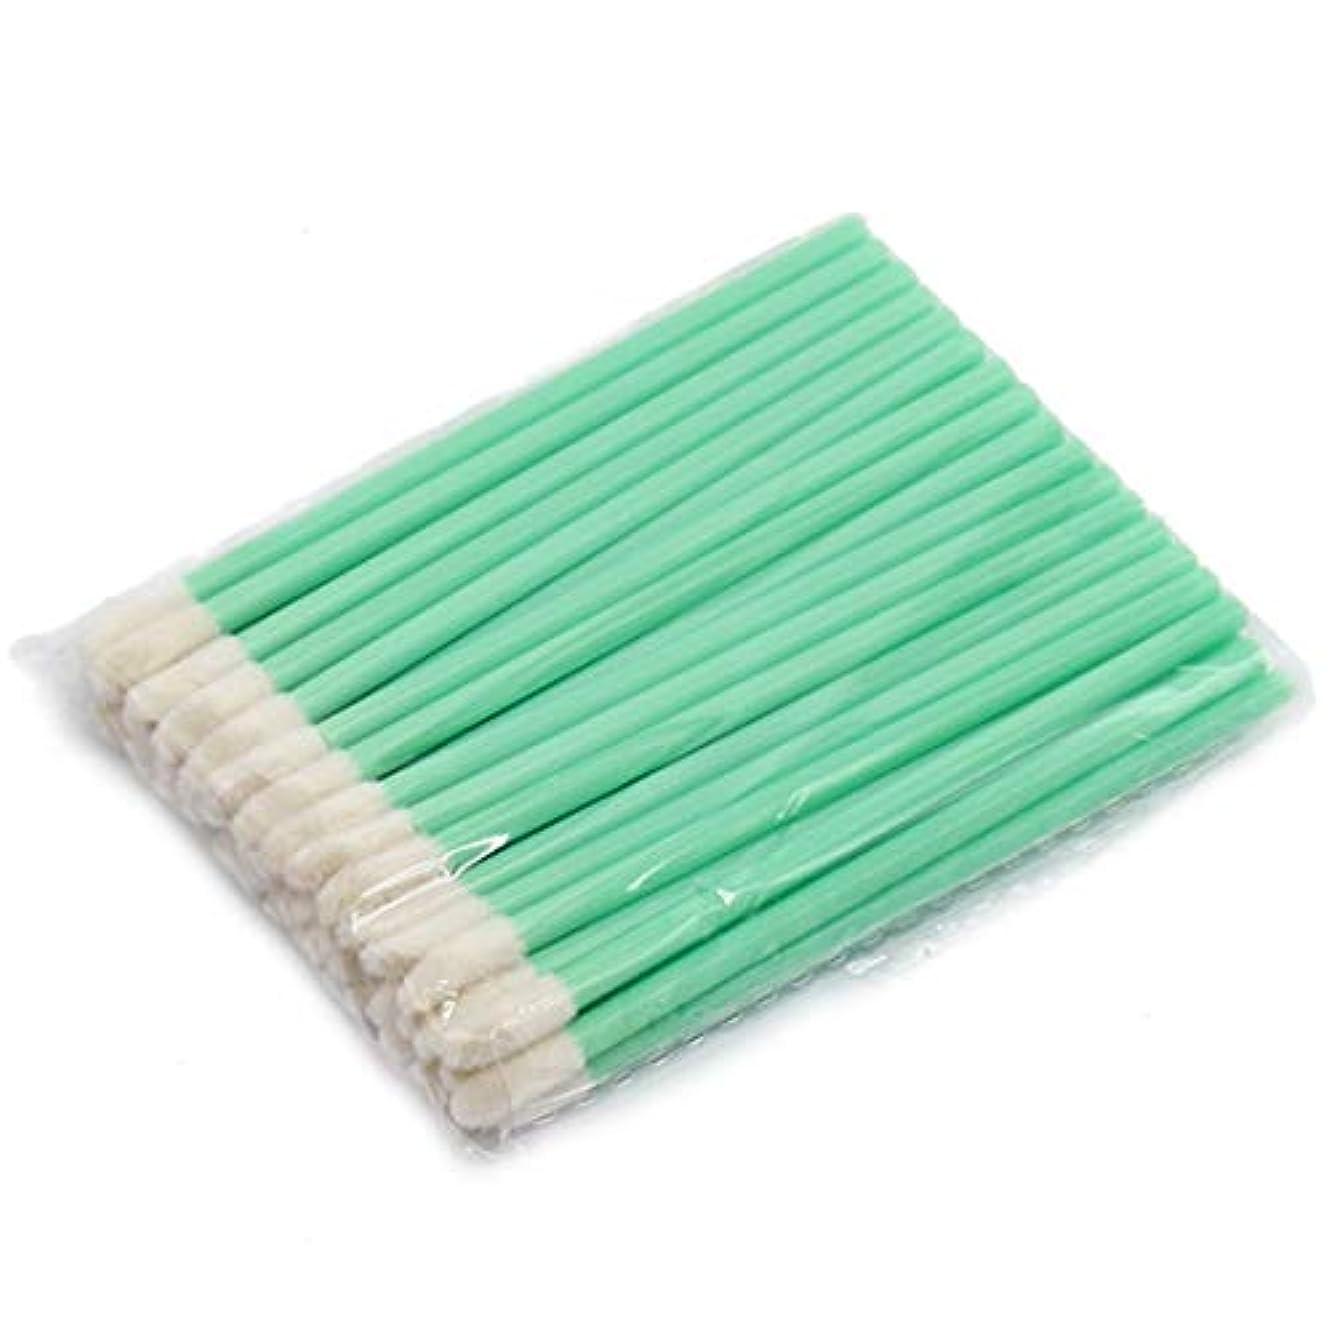 友情うめき討論Makeup brushes メイクアップ使い捨てリップブラシ口紅グロススティックアプリケーターメイクツールファッションデザイン-グリーン suits (Color : Green)